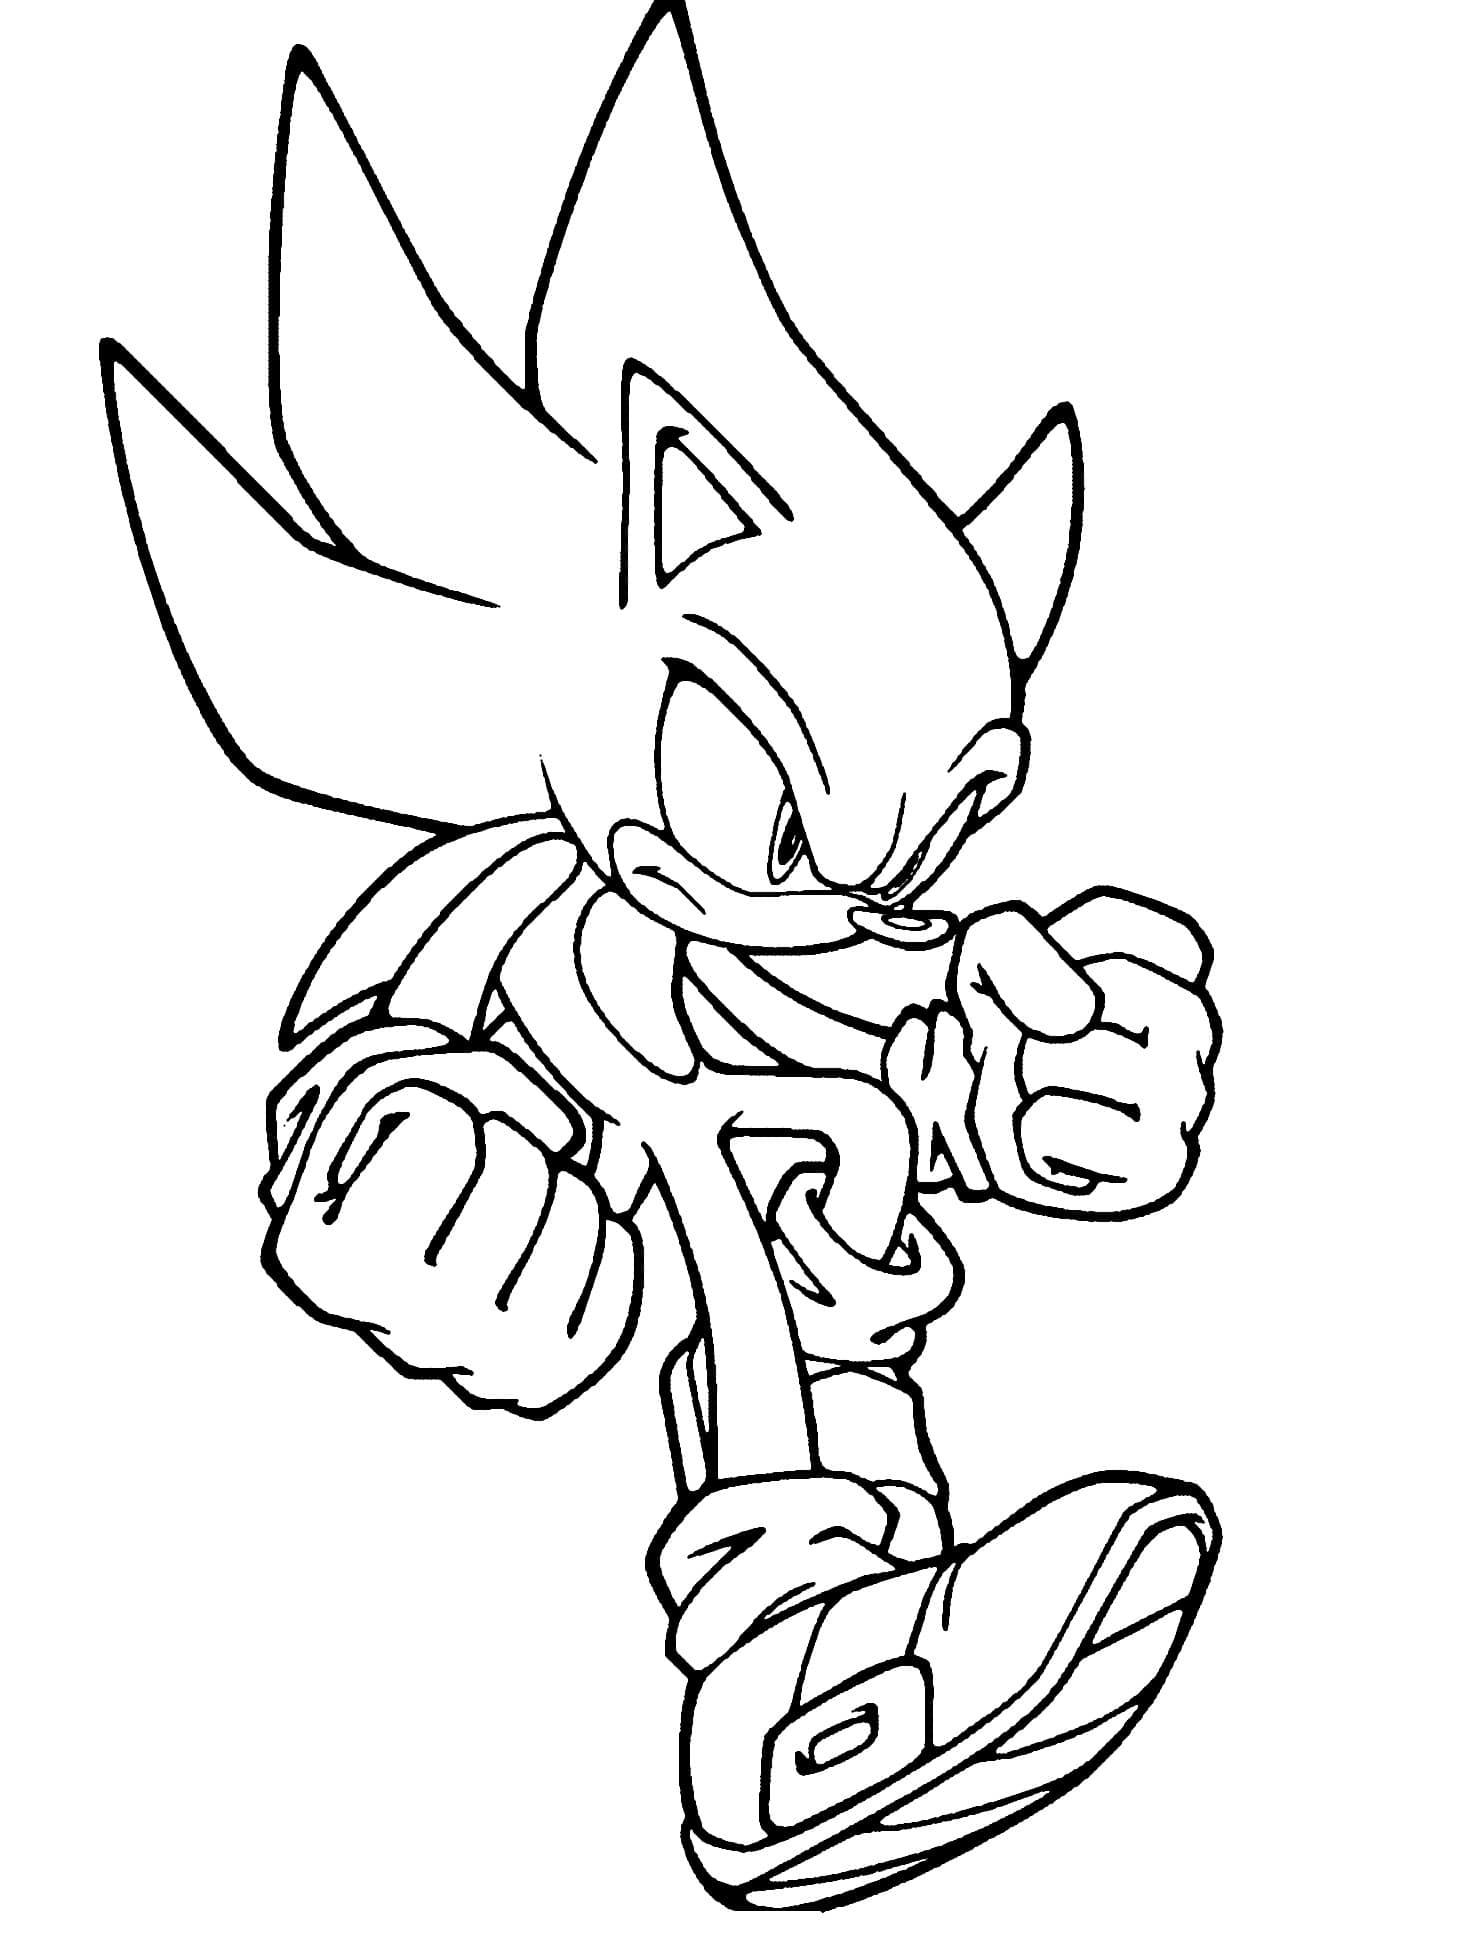 Coloriage Sonic. Imprimer Gratuitement, 100 Images avec Sonic À Colorier